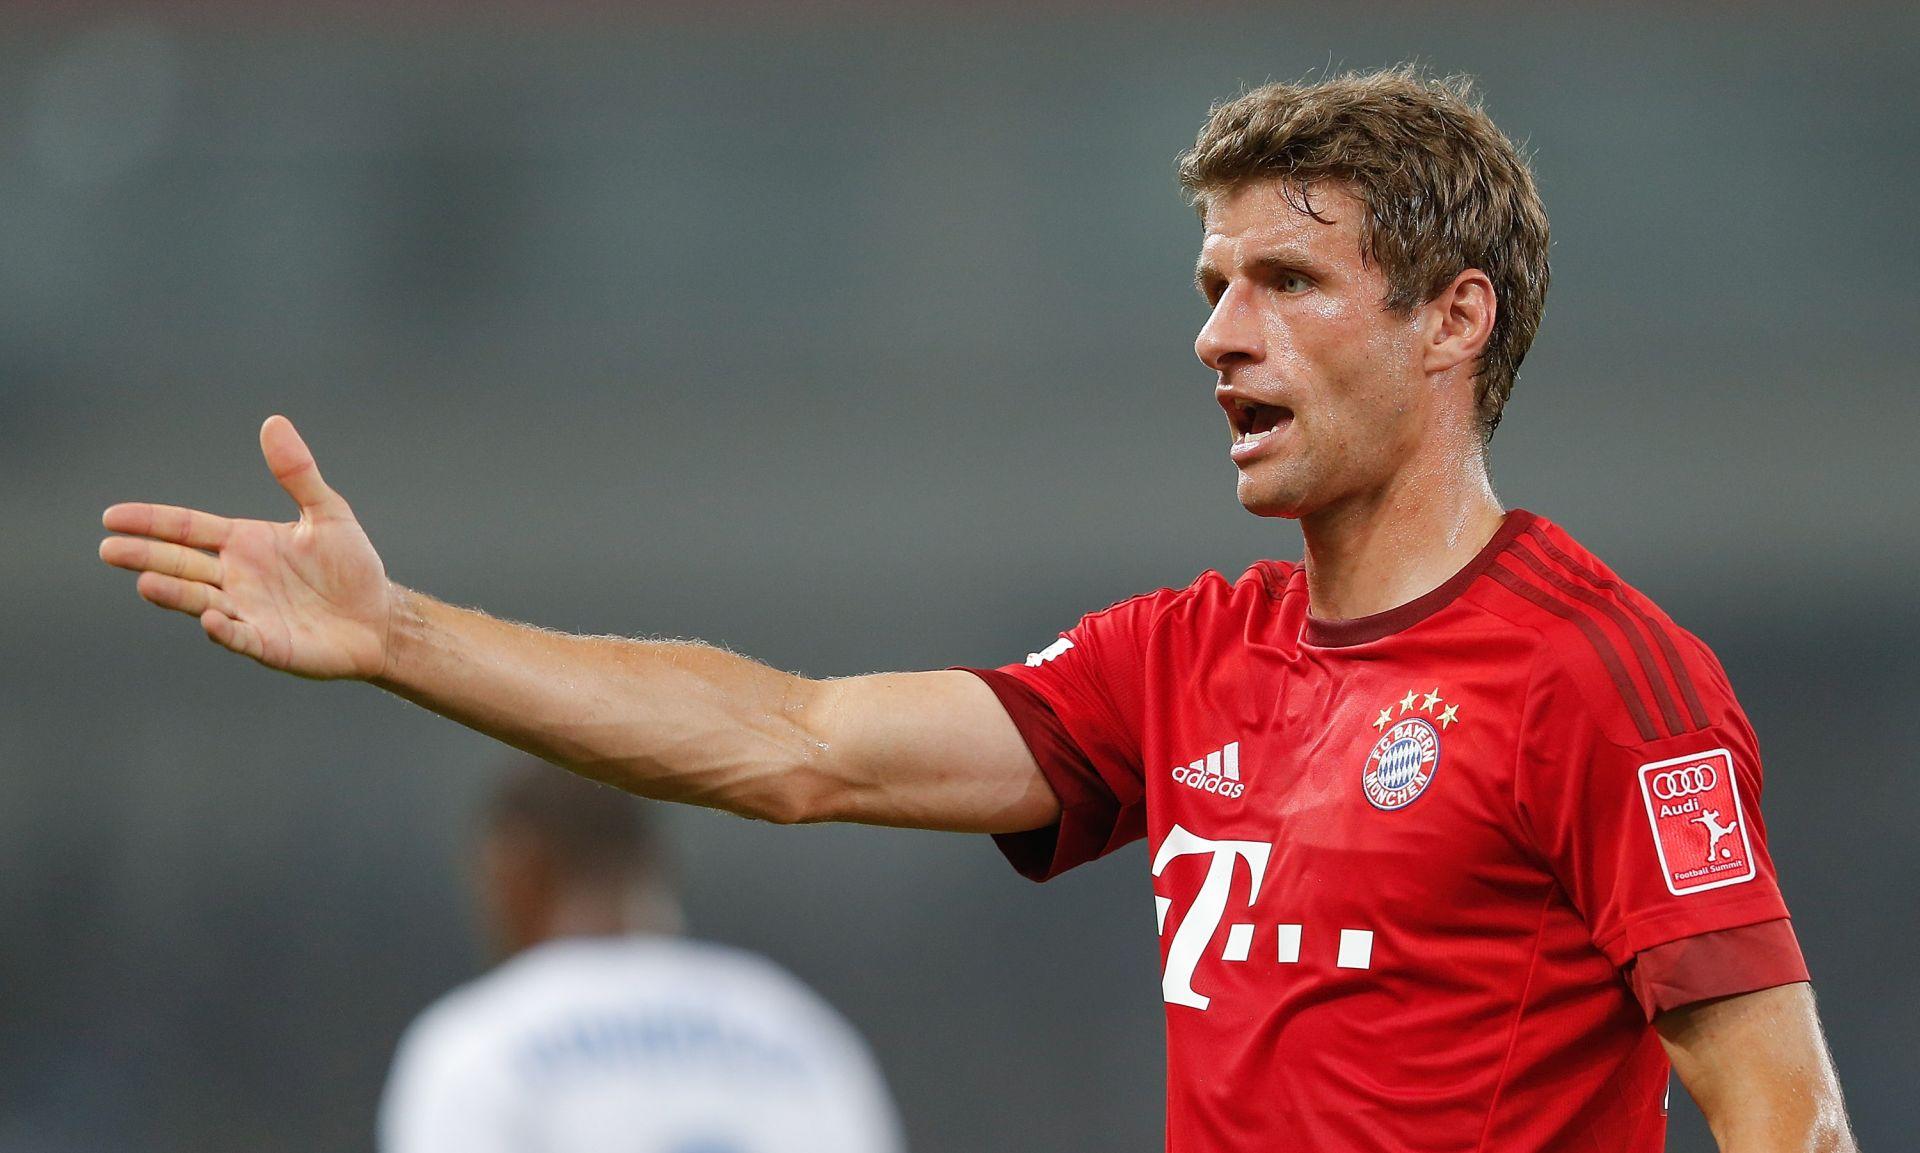 MÜLLER U UNITEDU? Bayern poručio kako njihov napadač 'nema cijenu'